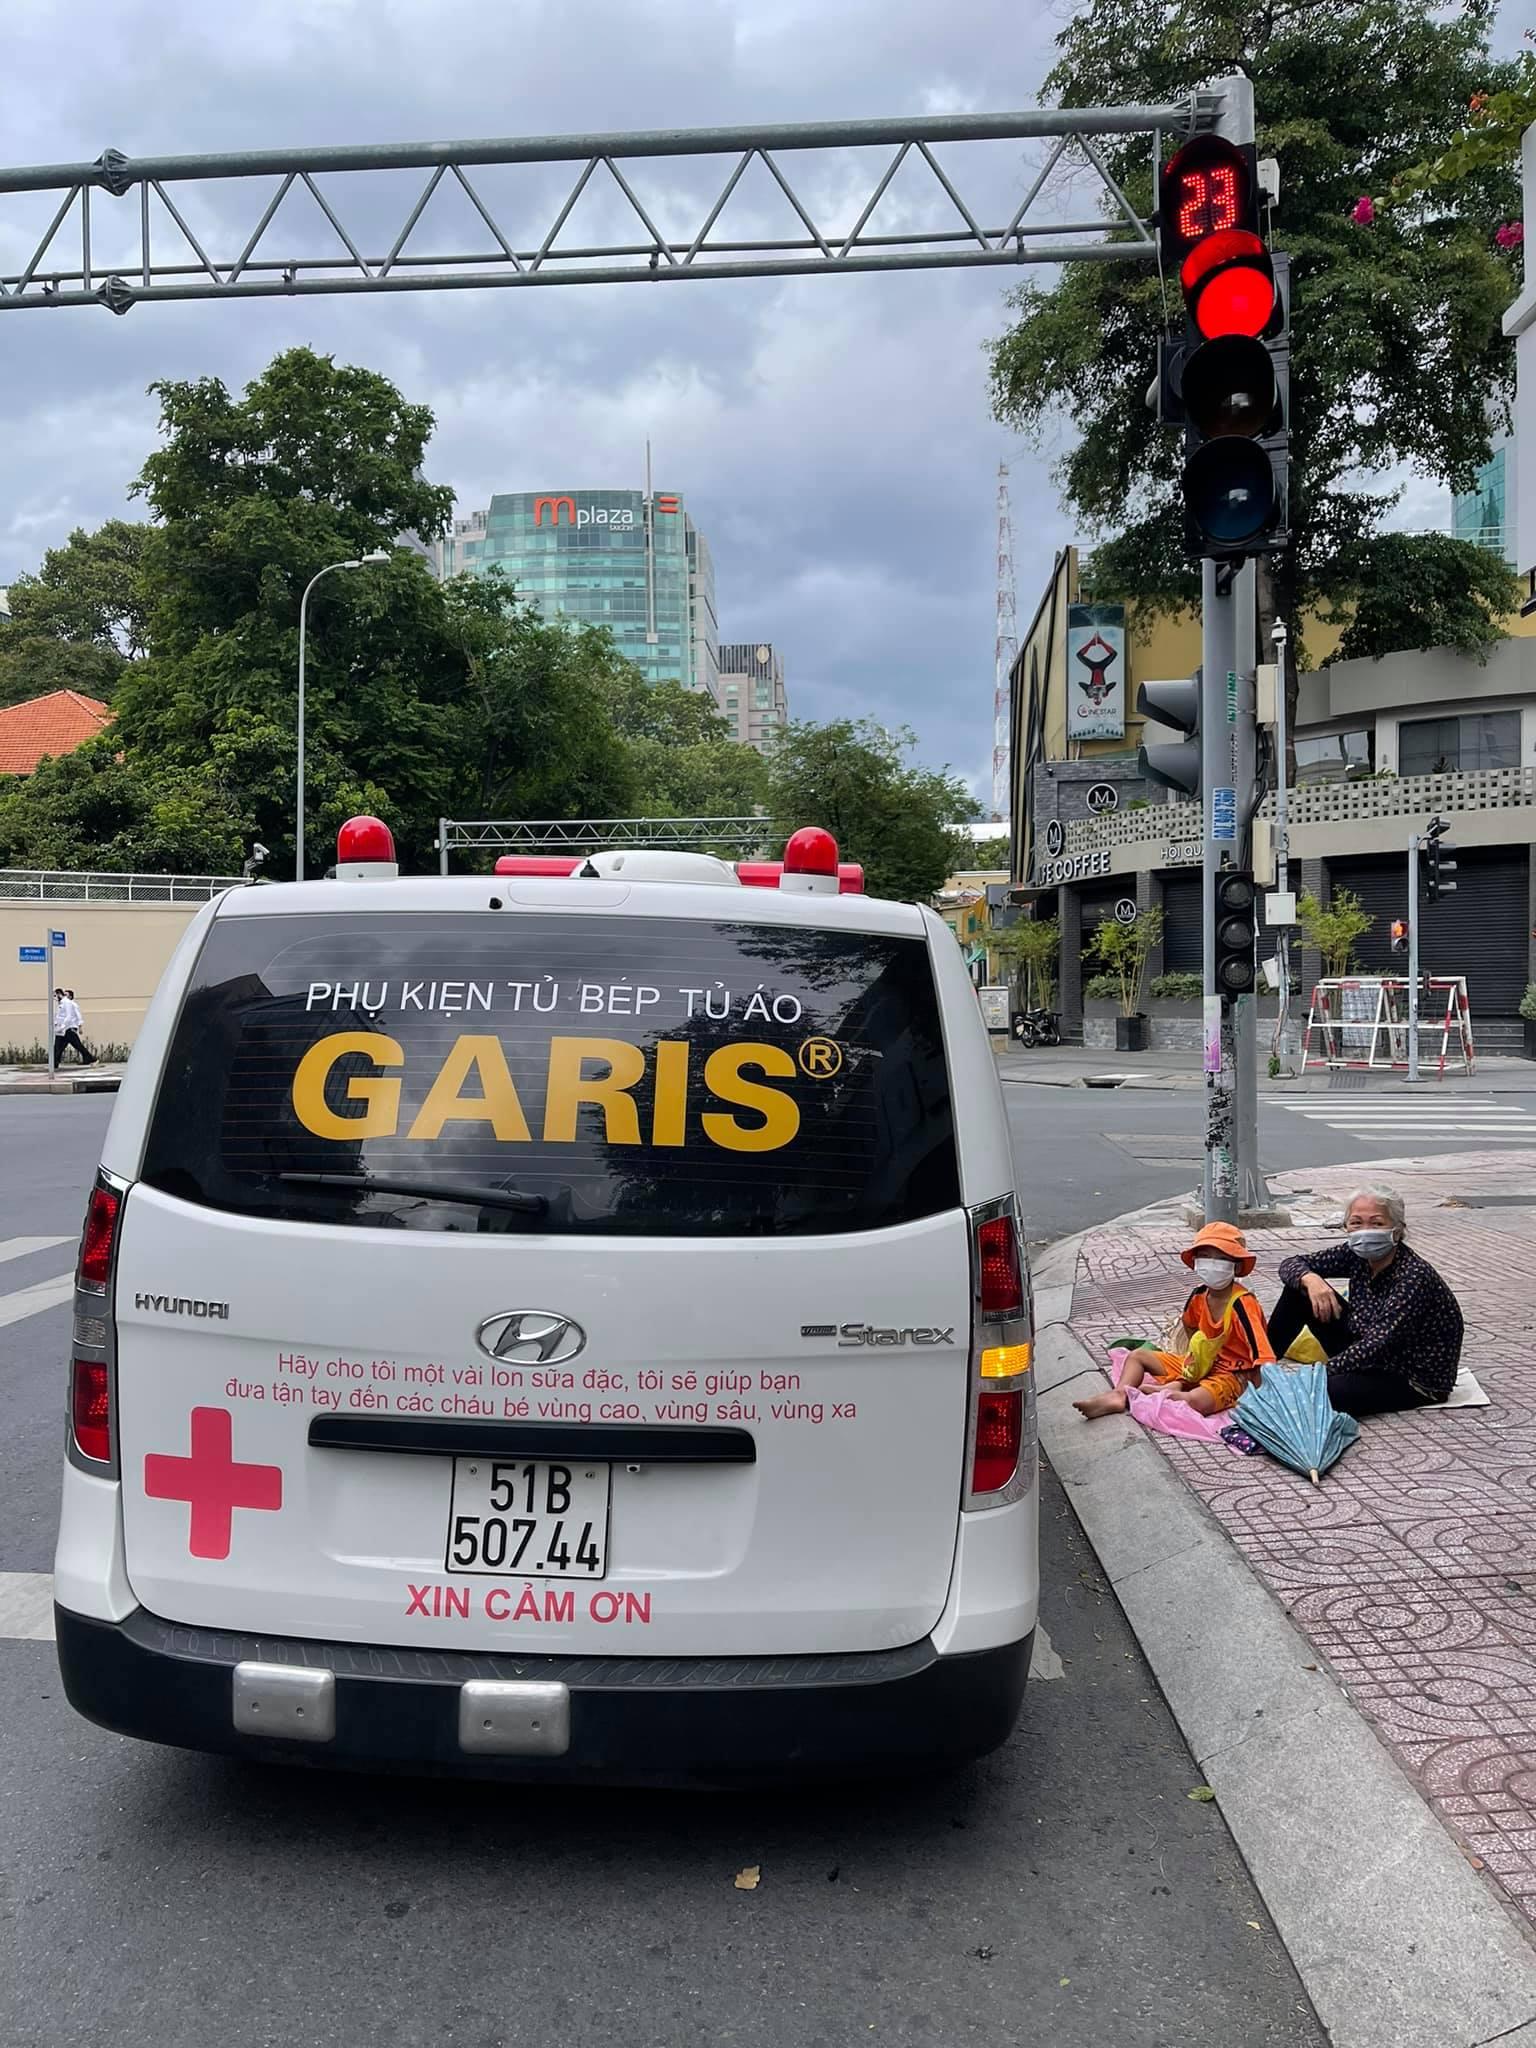 Ông Đoàn Ngọc Hải đem tặng chiếc xe cứu thương, kêu gọi quyên góp 3 tỷ để vượt qua đại dịch Covid-19 2